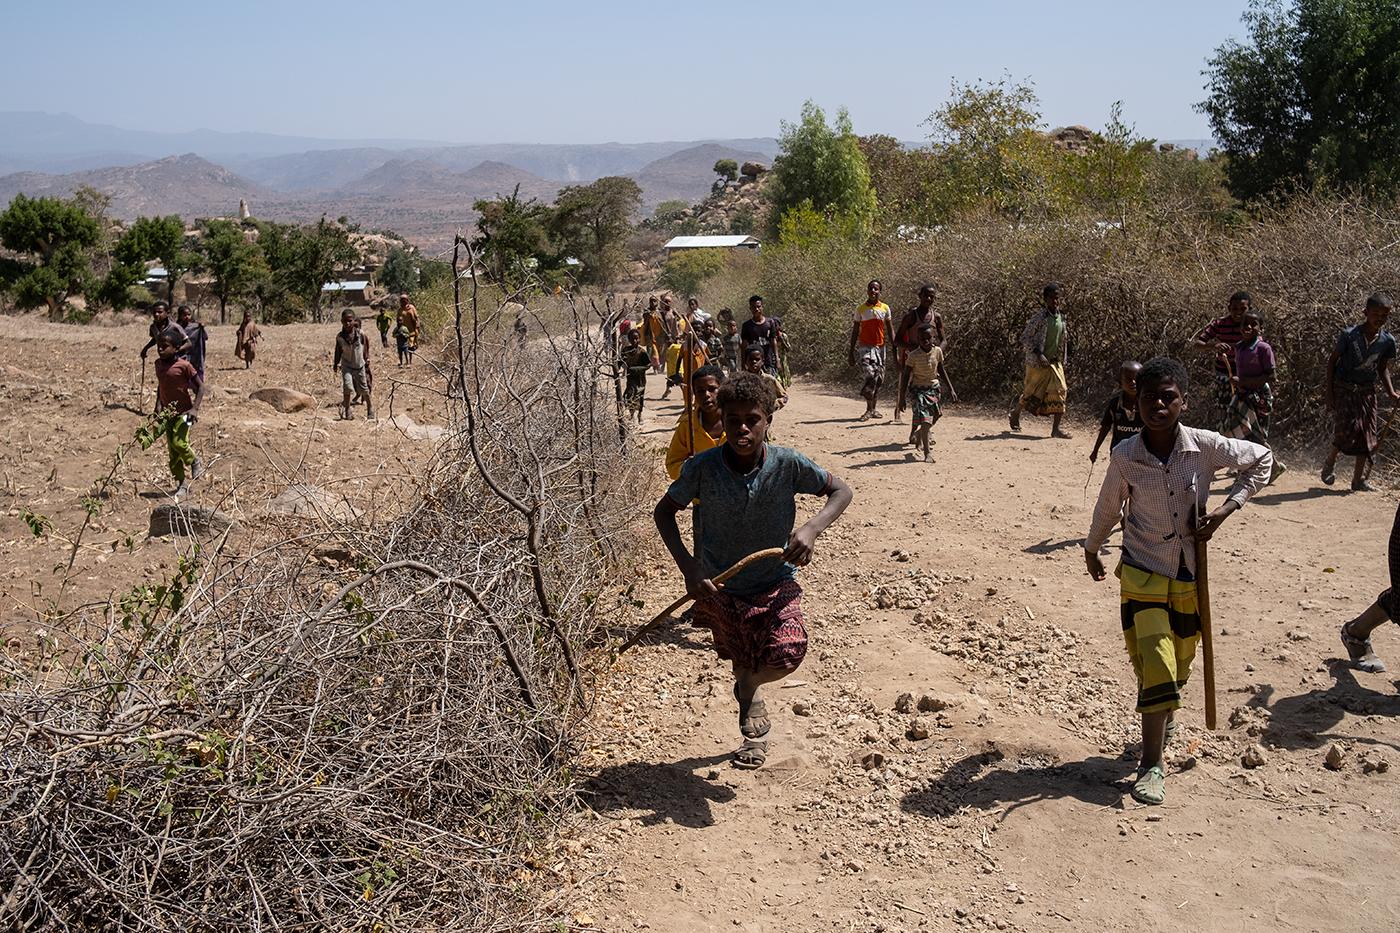 За что могут закидать камнями в африканской деревне.